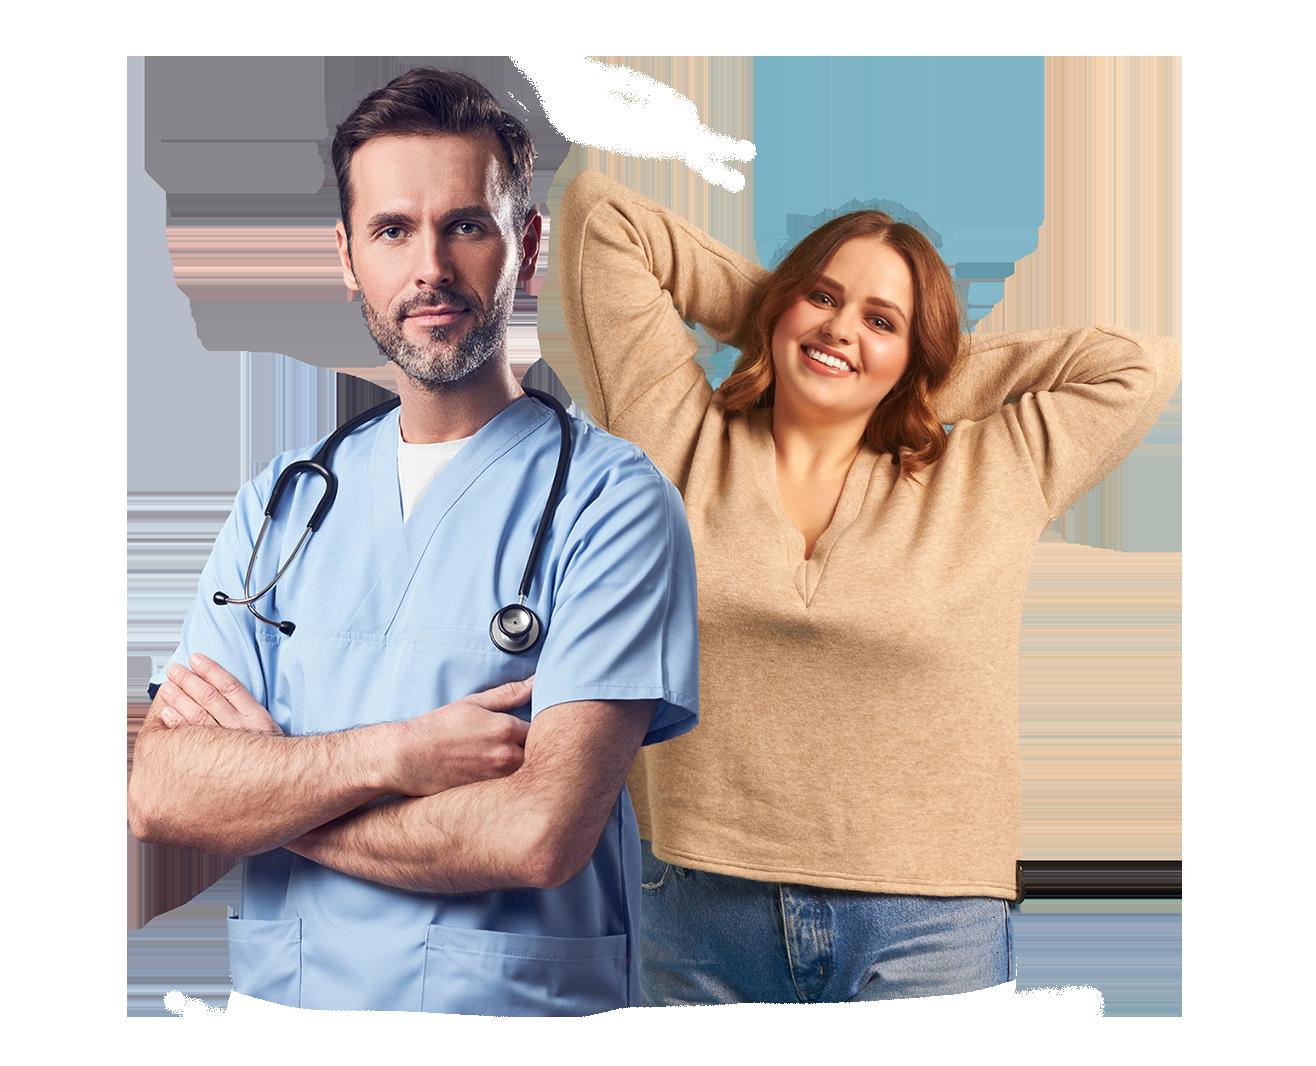 professionnel de santé et patiente obésité